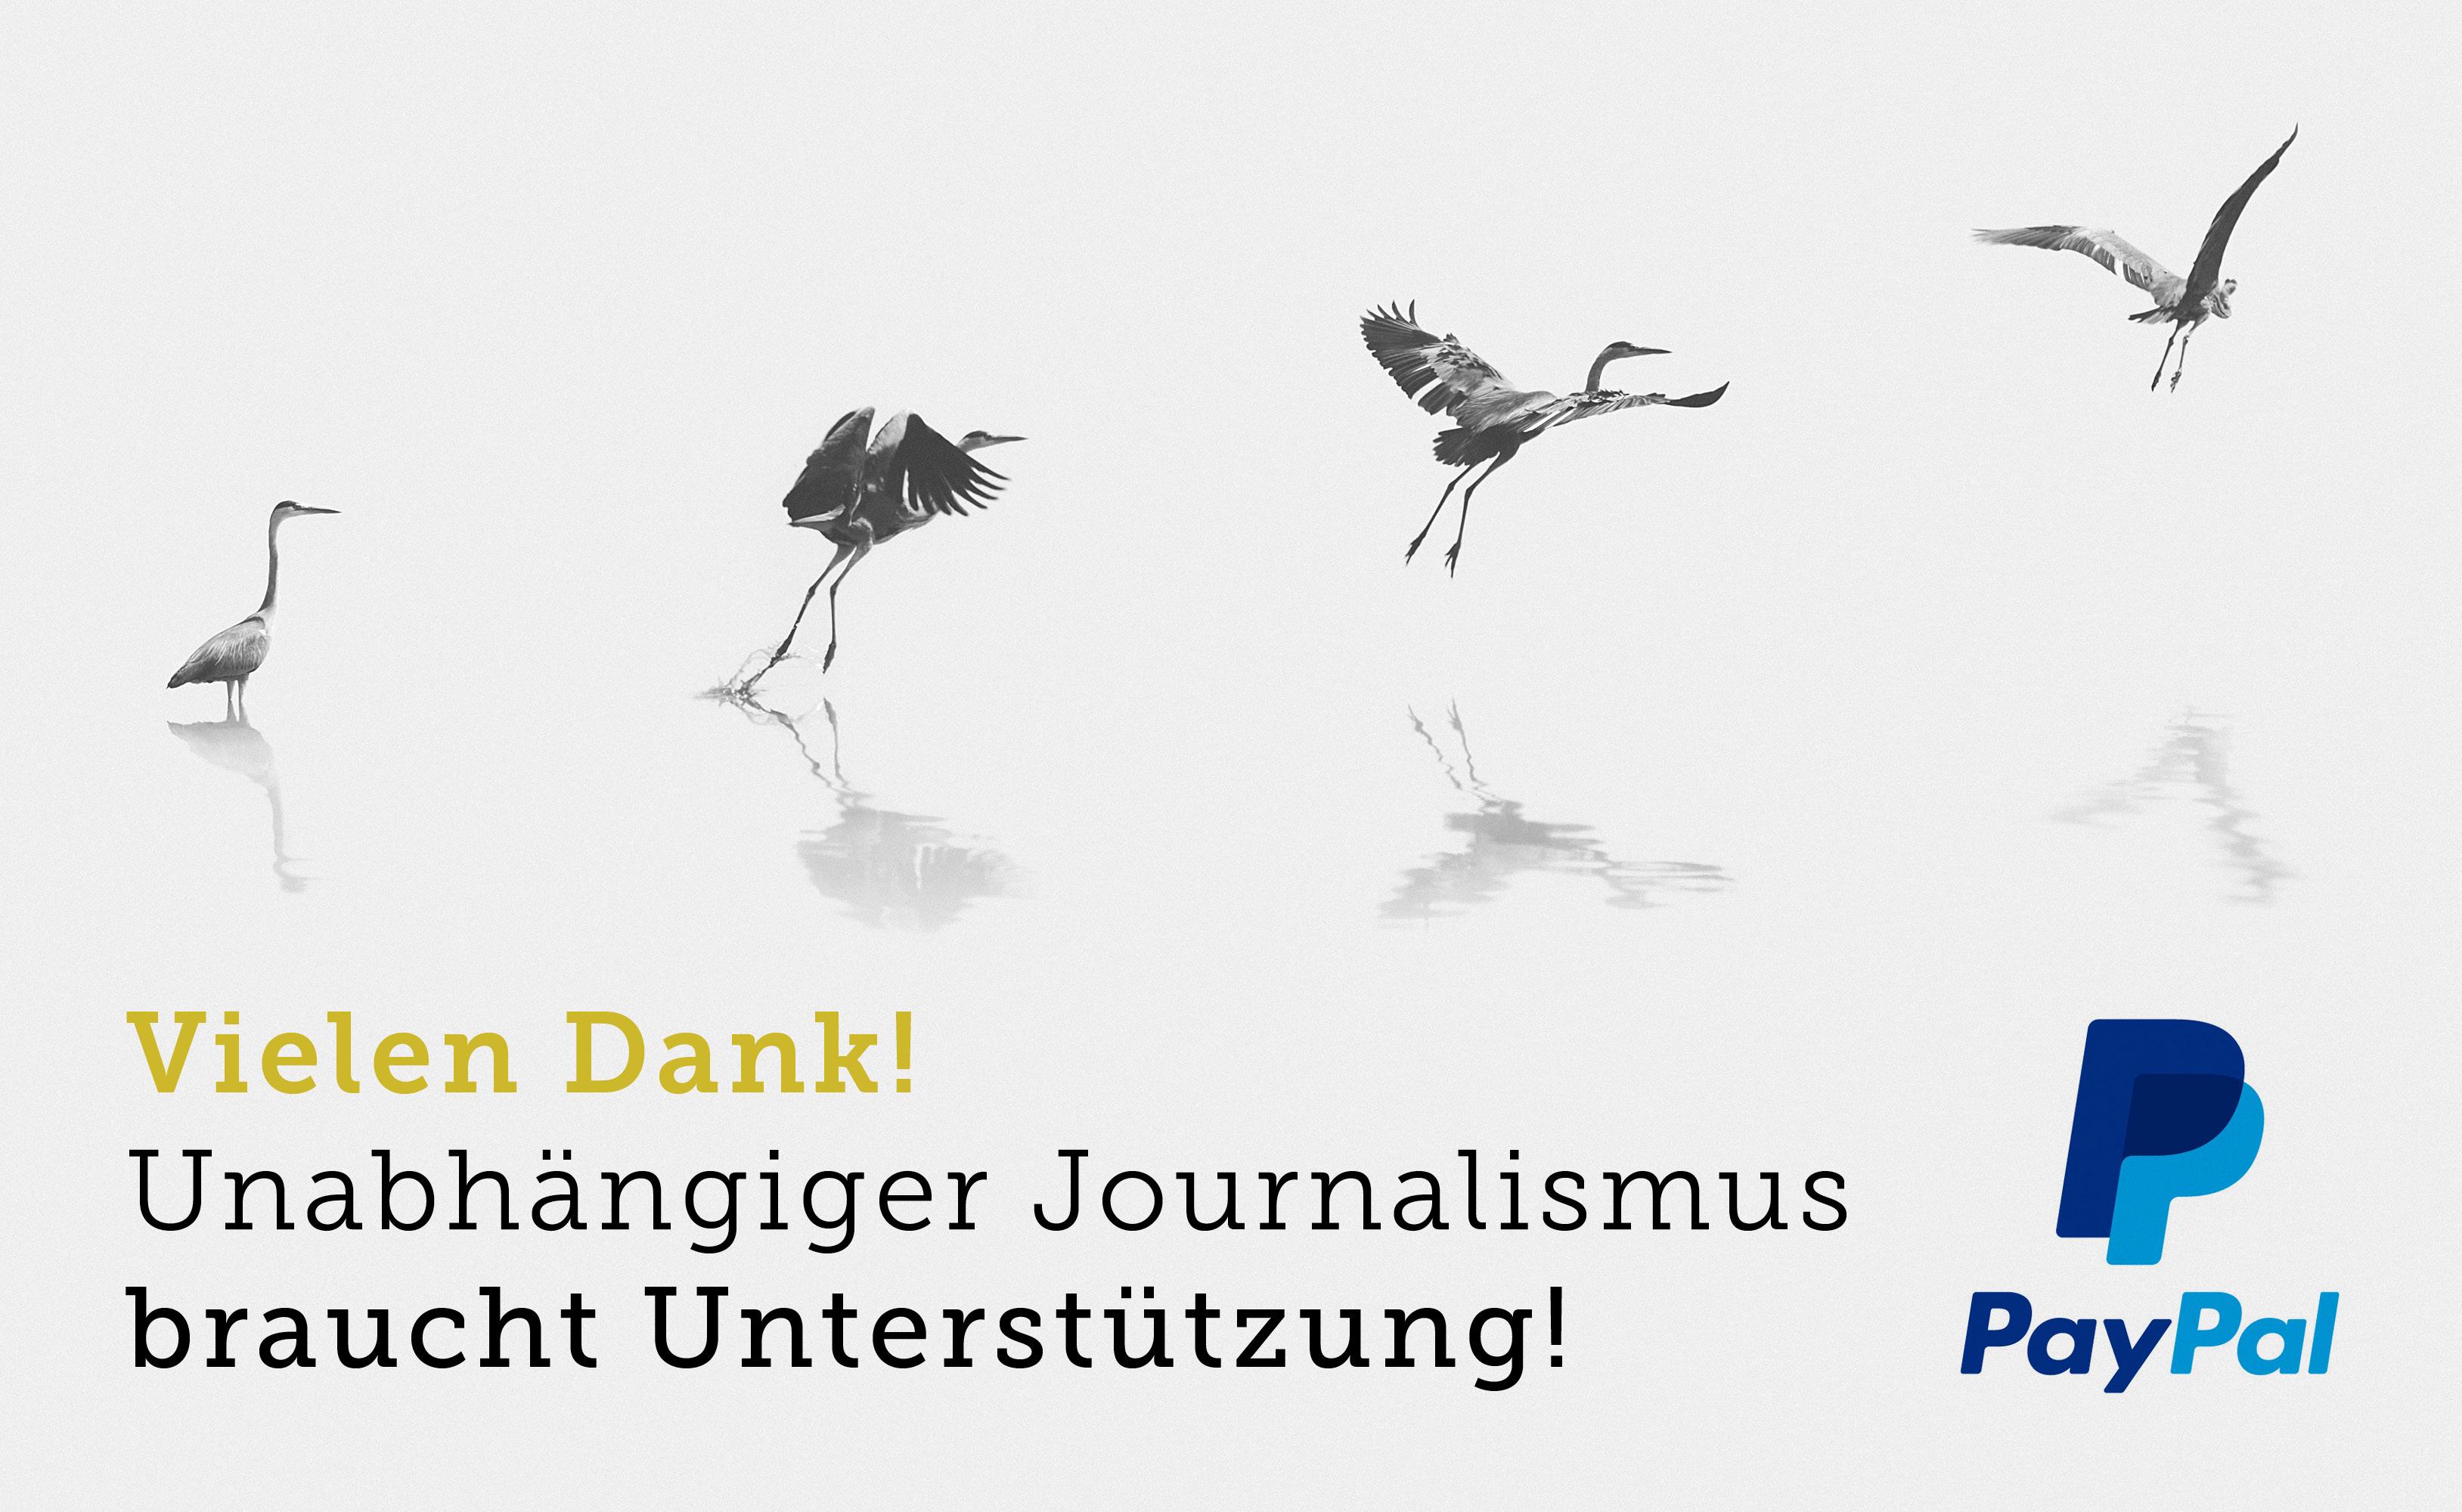 Unabhängiger Journalismus braucht Unterstützung!